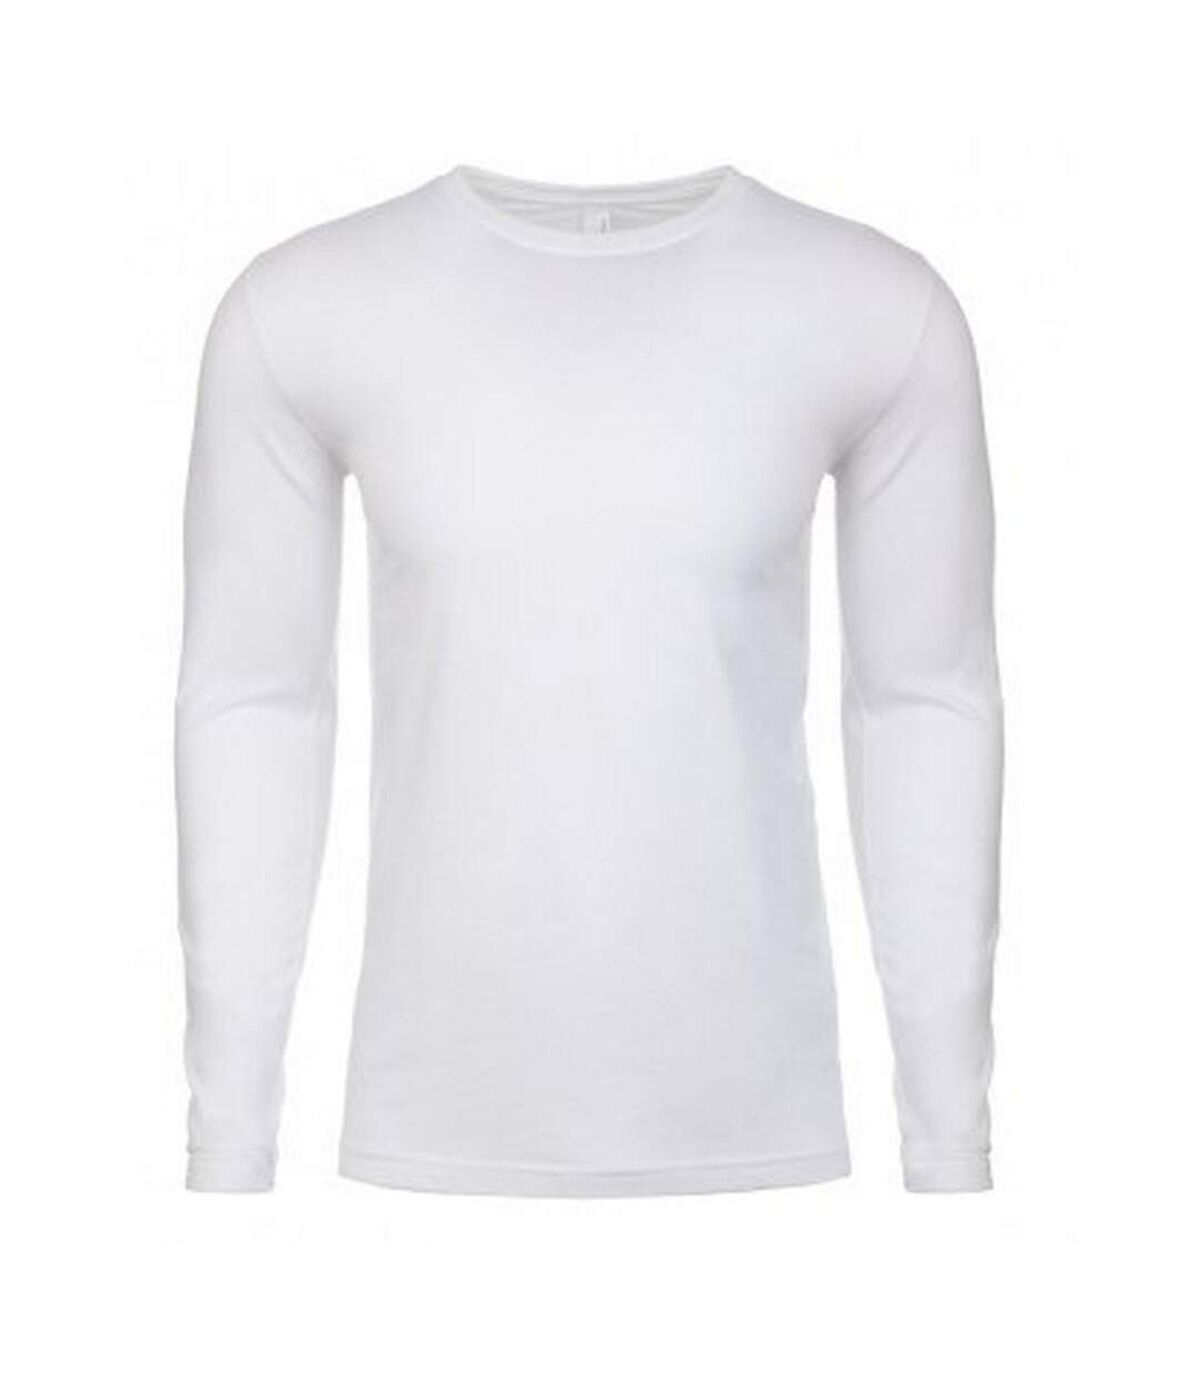 Next Level Mens Long-Sleeved T-Shirt (White) - UTPC4149